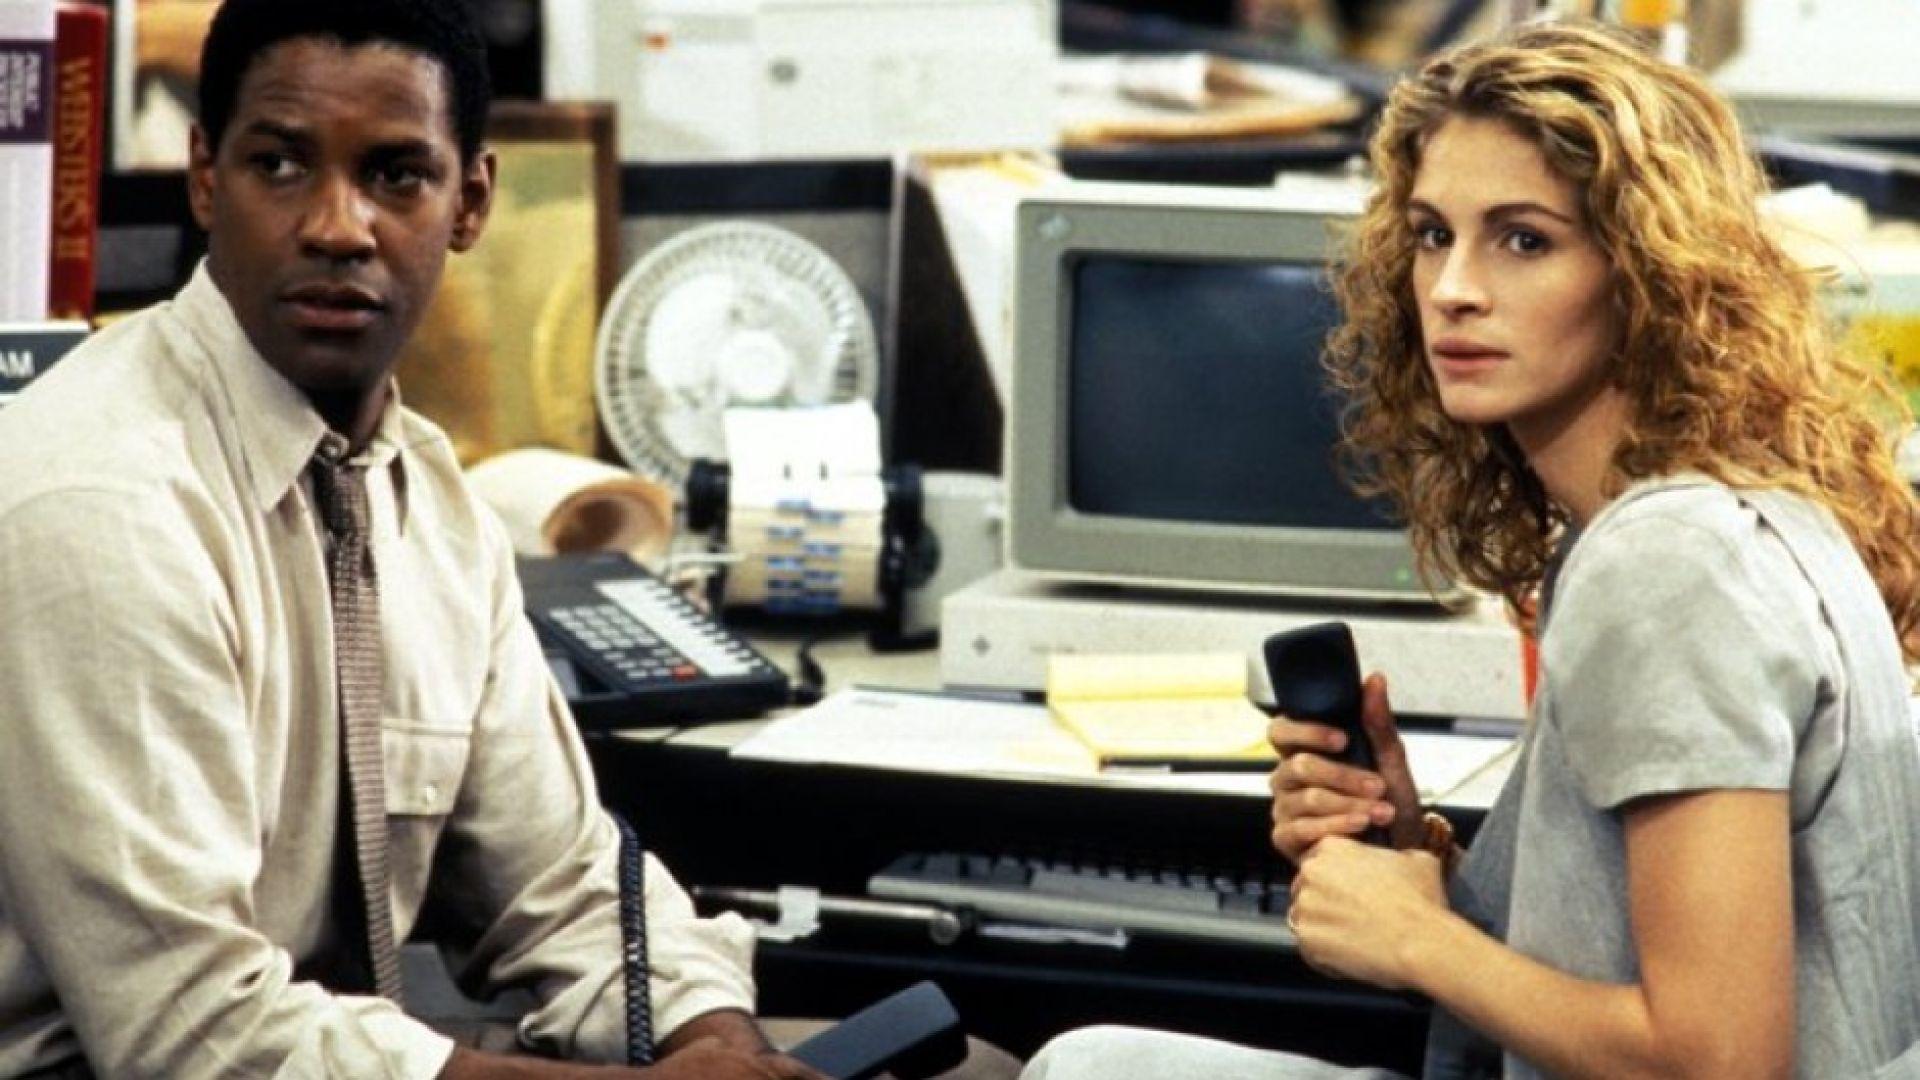 27 години по-късно: Дензъл Уошингтън и Джулия Робъртс отново заедно във филм